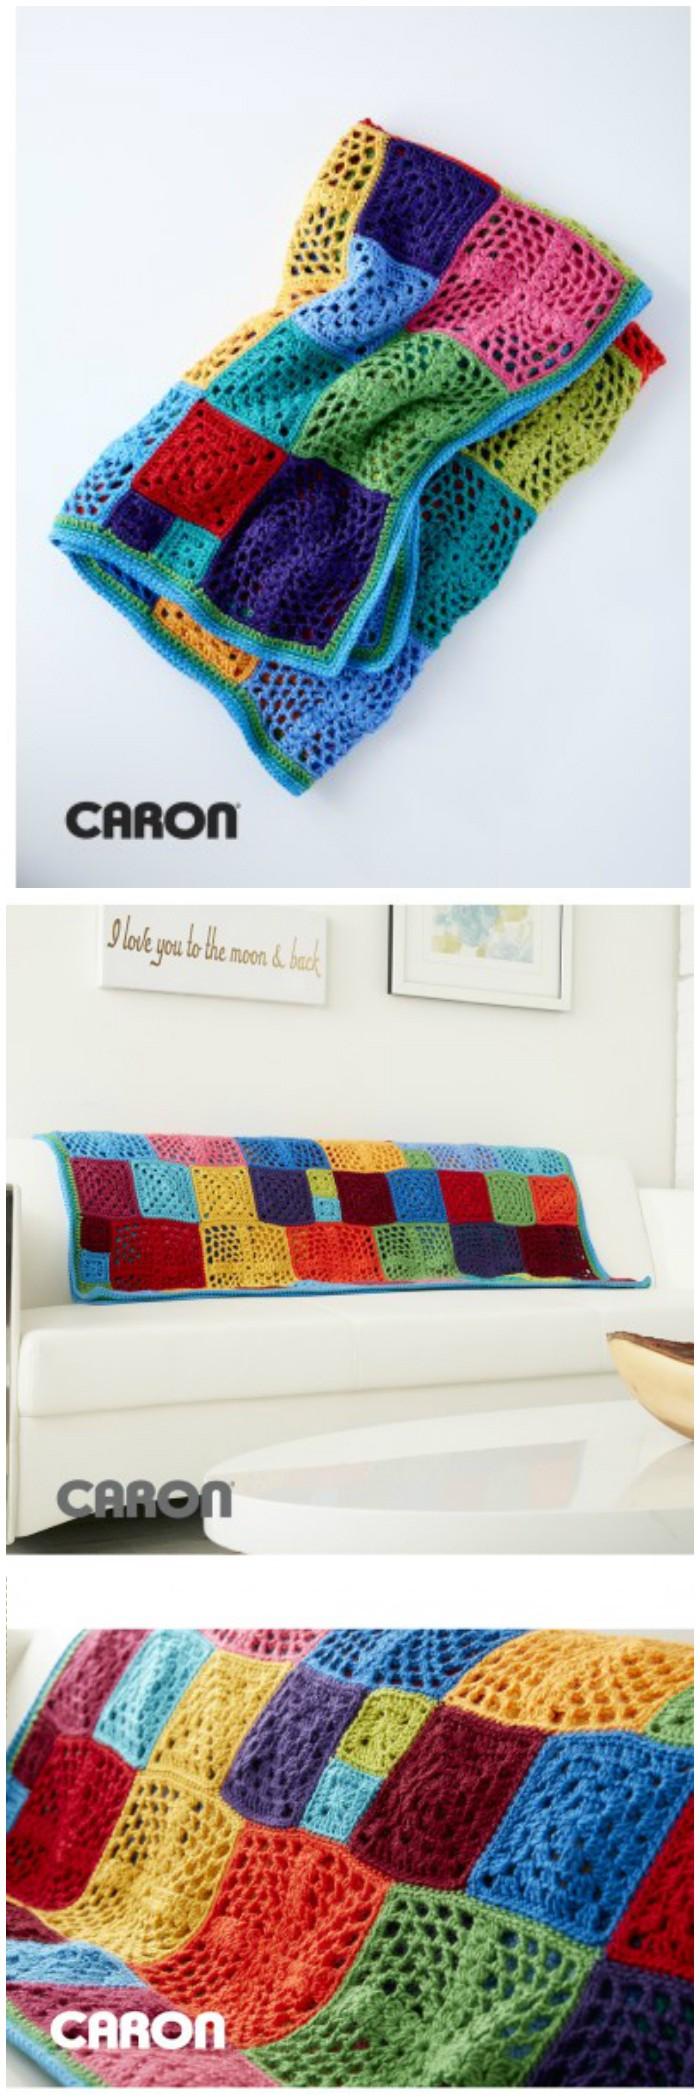 Motif Afghan Free Crochet Pattern - crochet blanket